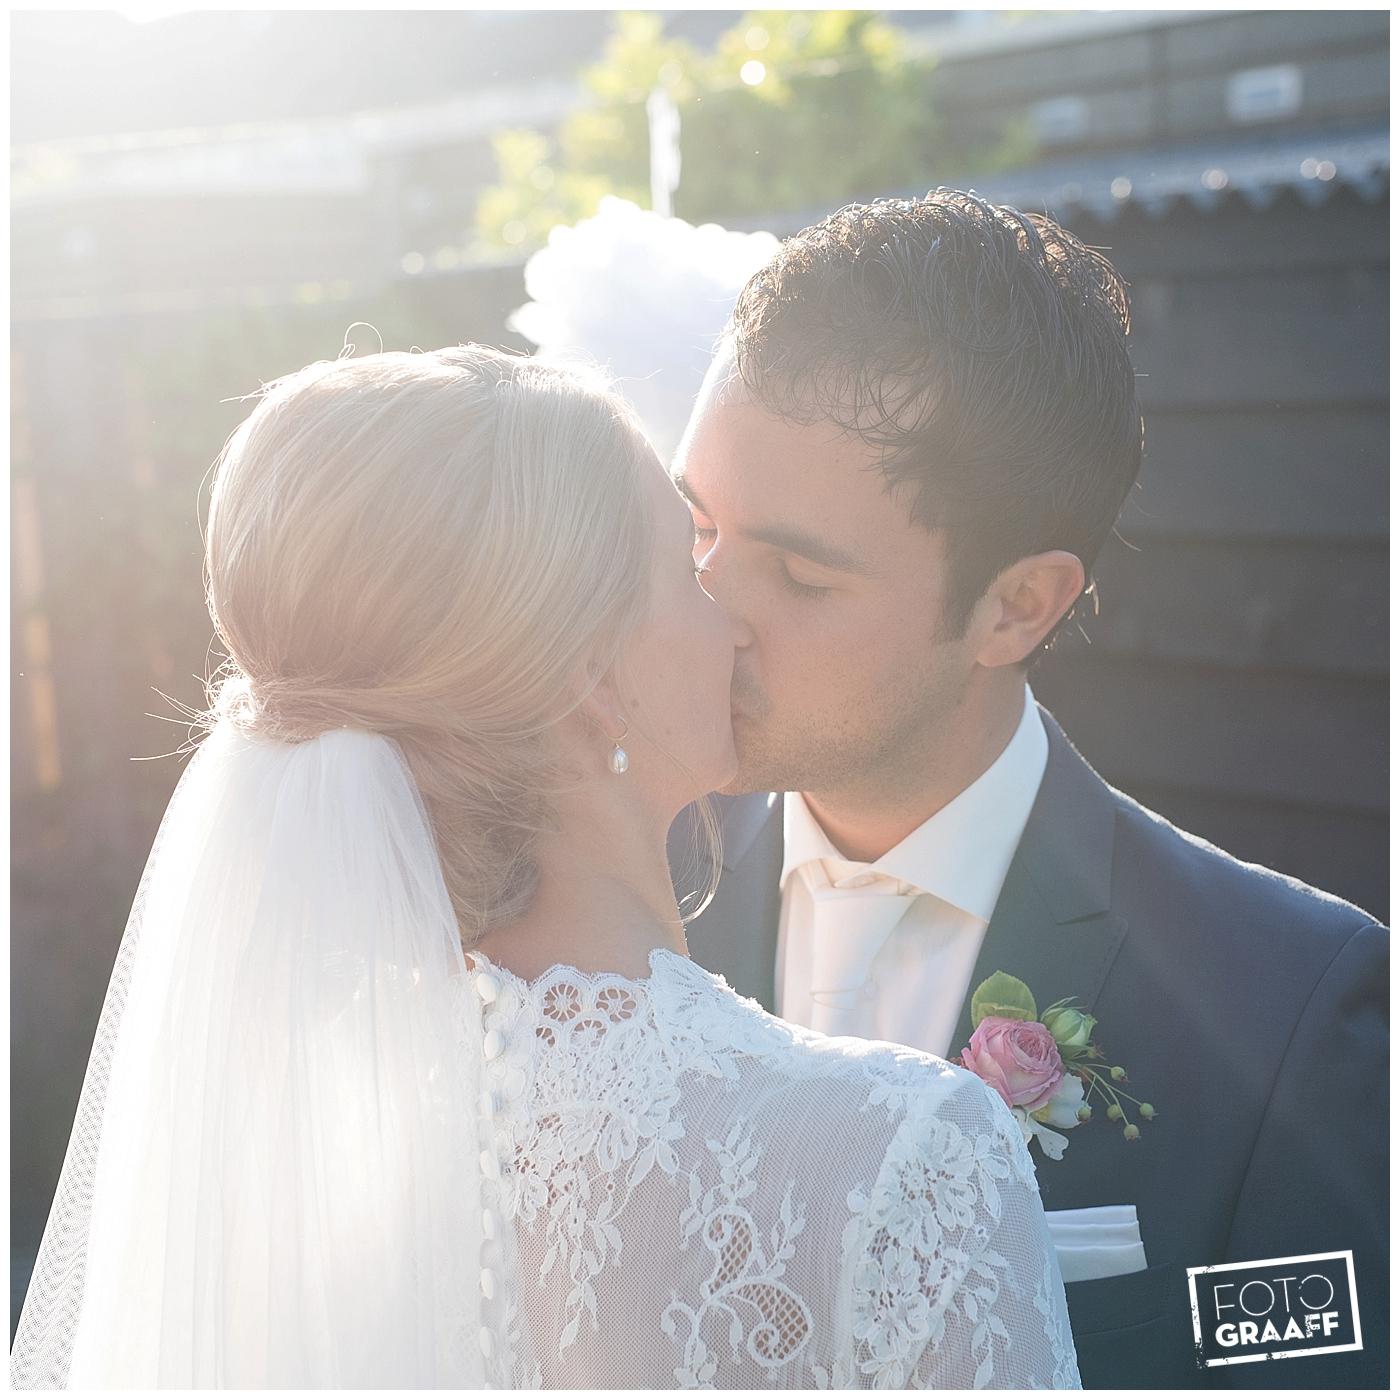 bruidsfotografie dordrecht Jaco & Marjolein_0171